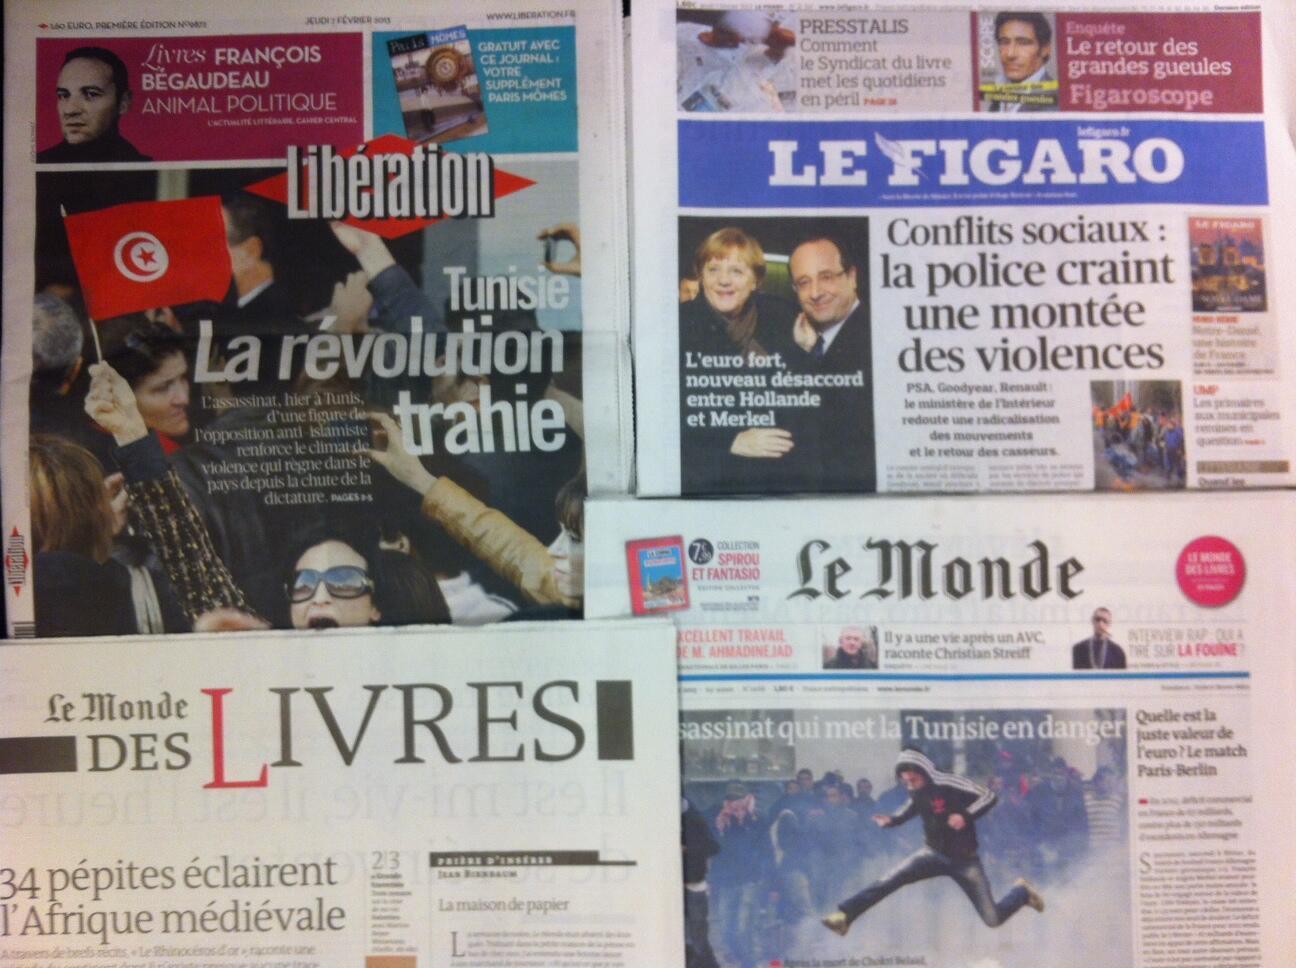 Primeiras páginas diários franceses 7/2/2013